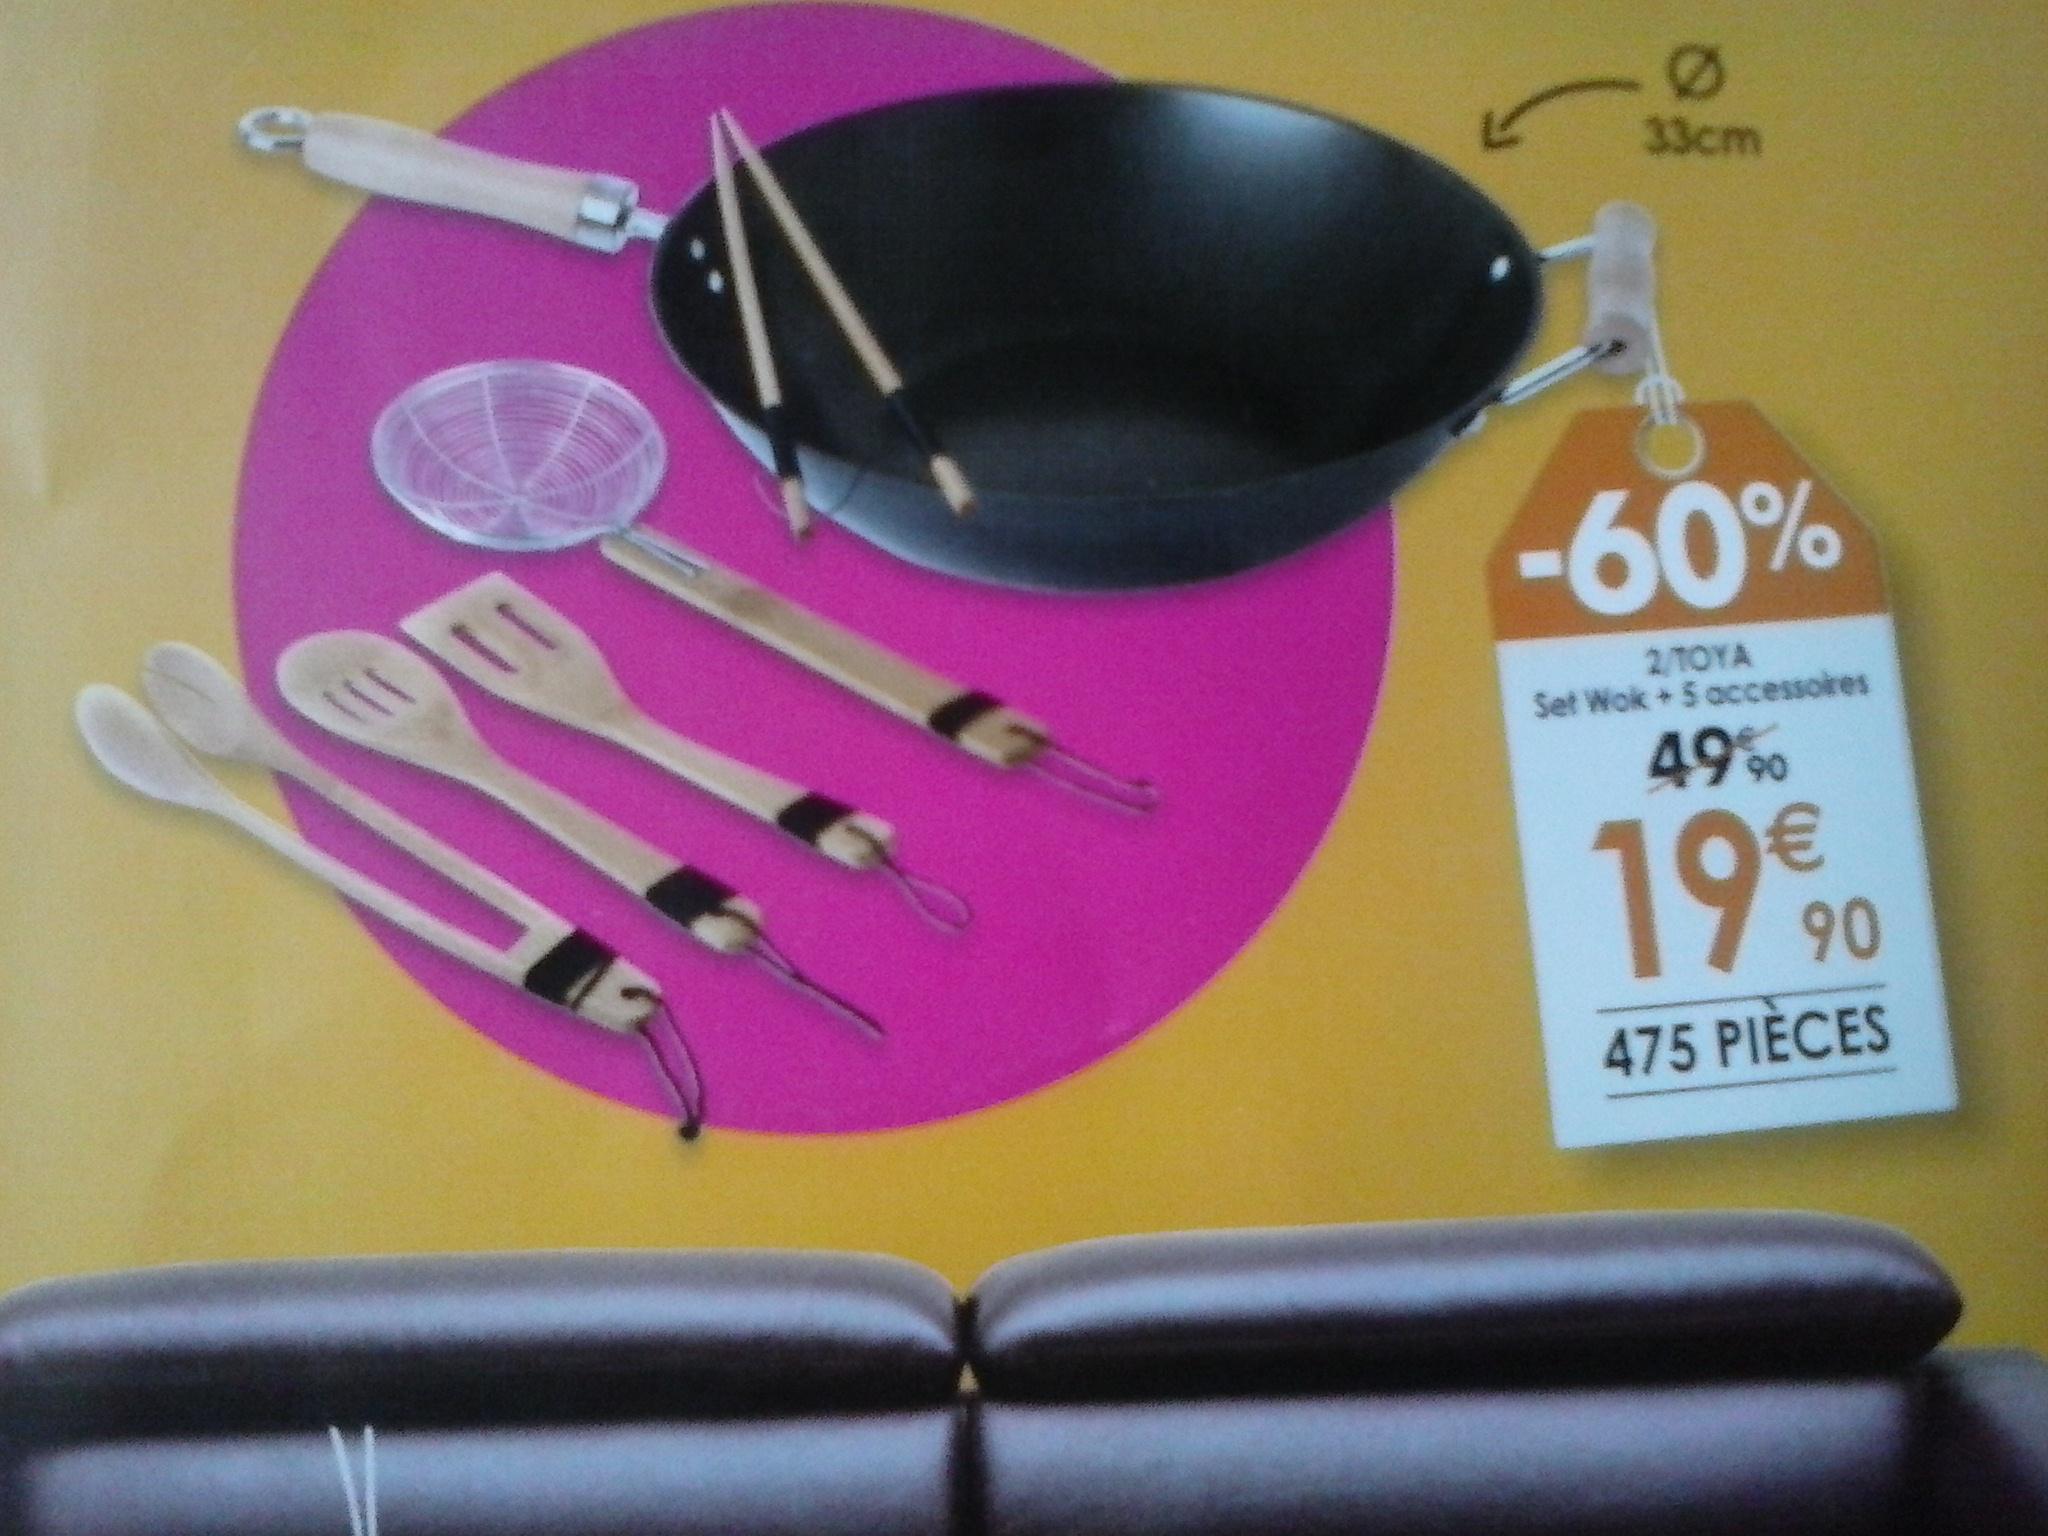 set wok en acier de 33cm  Toya  + 5 accessoires